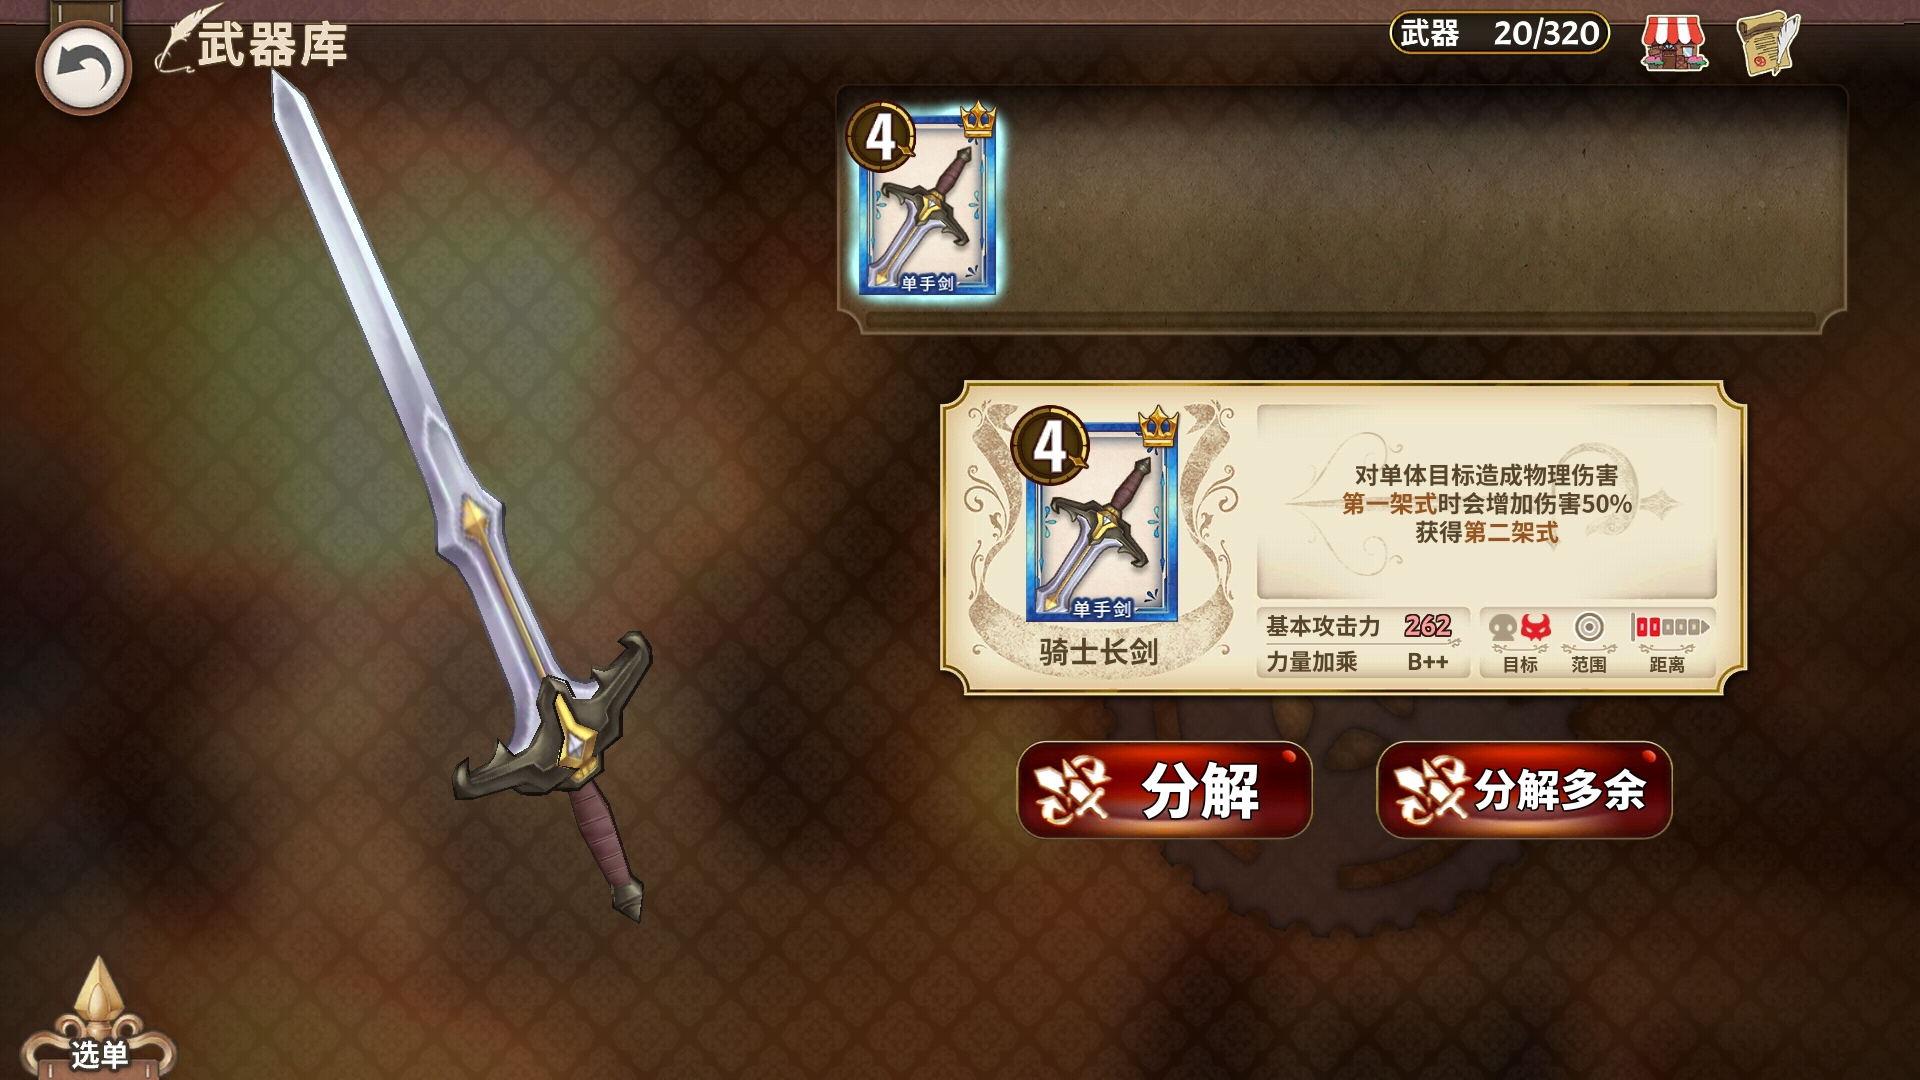 http://www.youxixj.com/wanjiazixun/131776.html